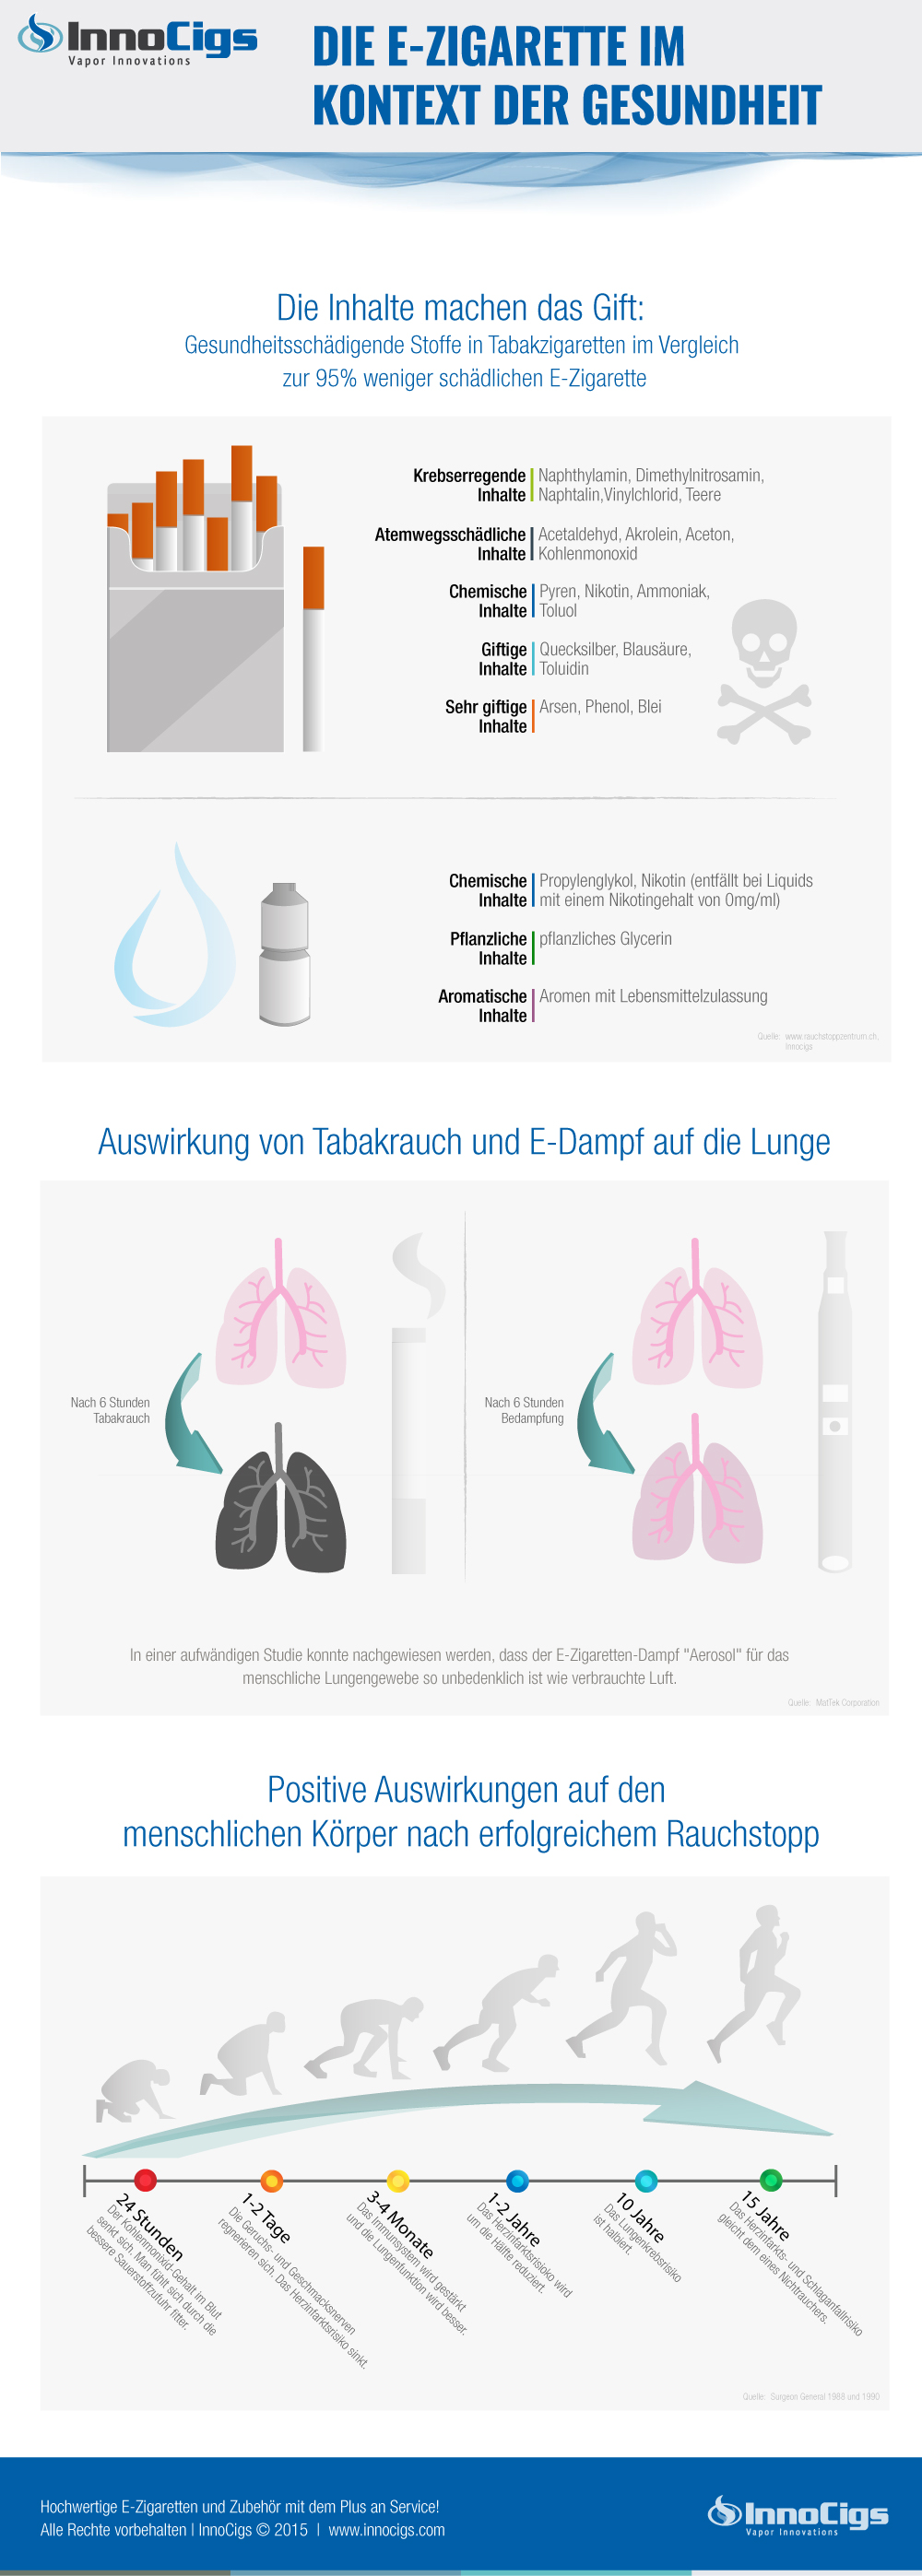 Ausführliche Infografik zu E-Zigaretten und Gesundheit